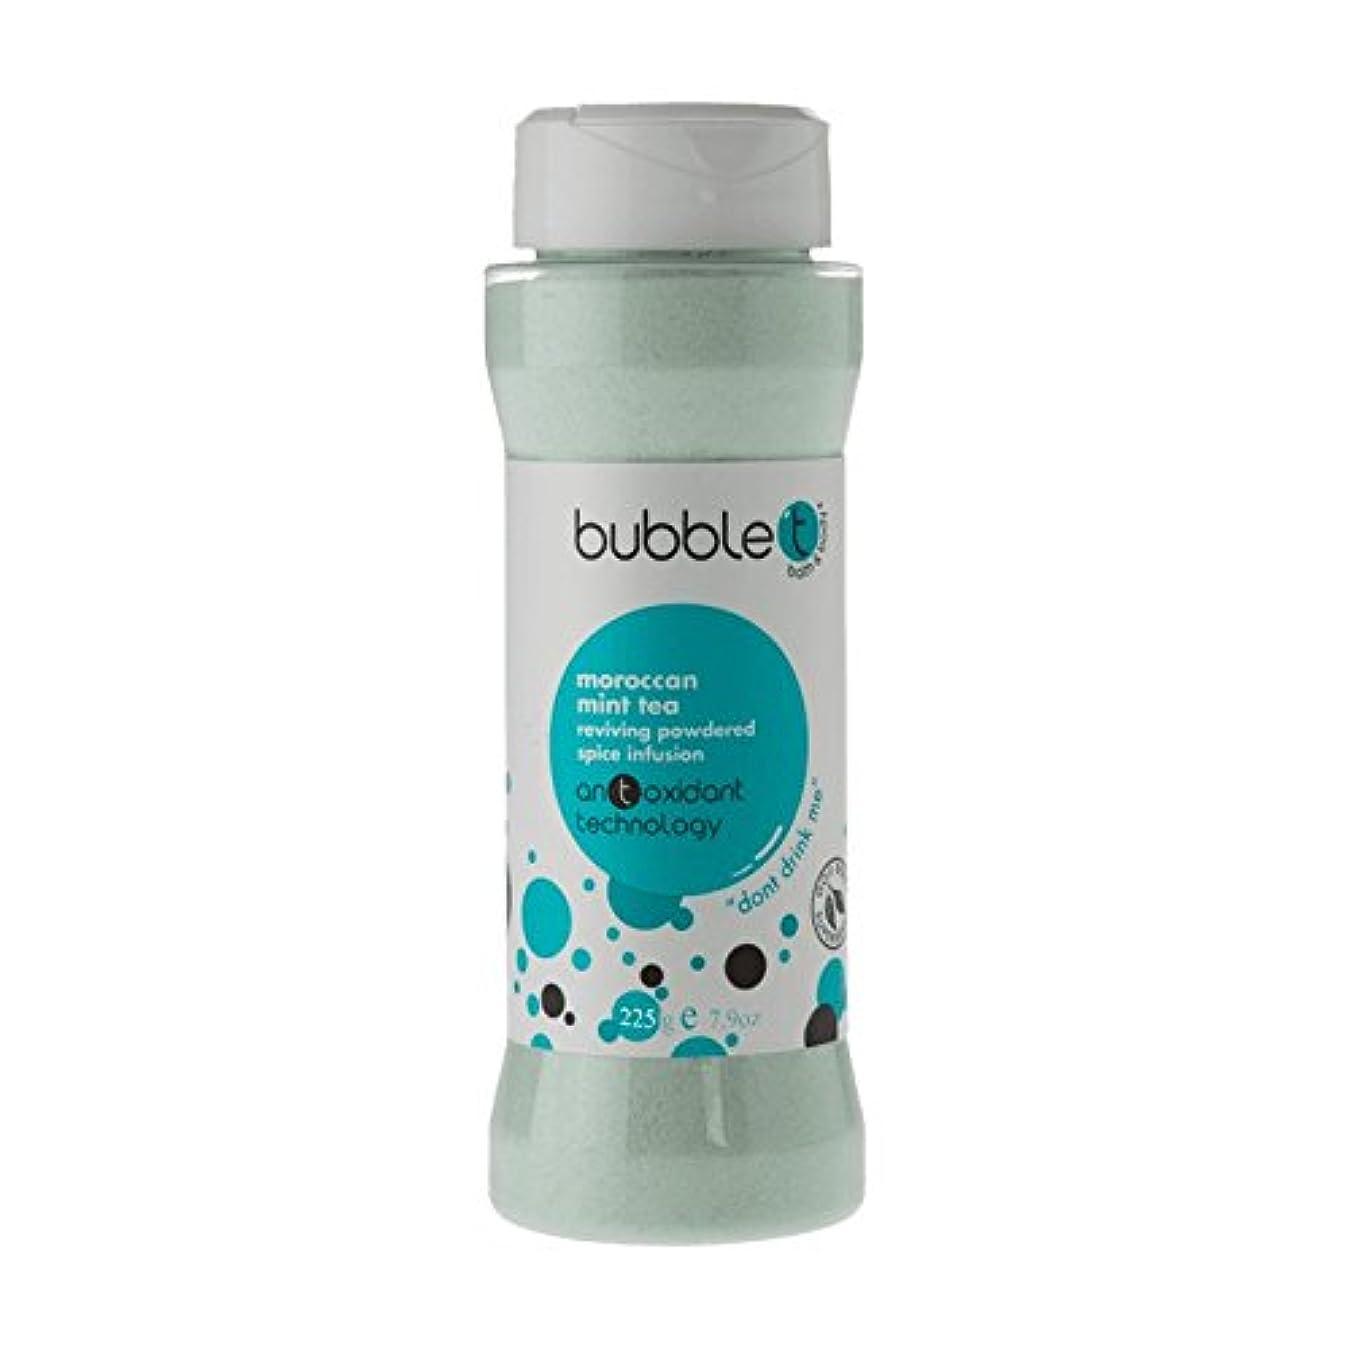 語奨励します数学的なBubble T Bath Spice Infusion Morrocan Mint Tea 225g (Pack of 2) - バブルトン風呂スパイス注入モロッコのミントティー225グラム (x2) [並行輸入品]